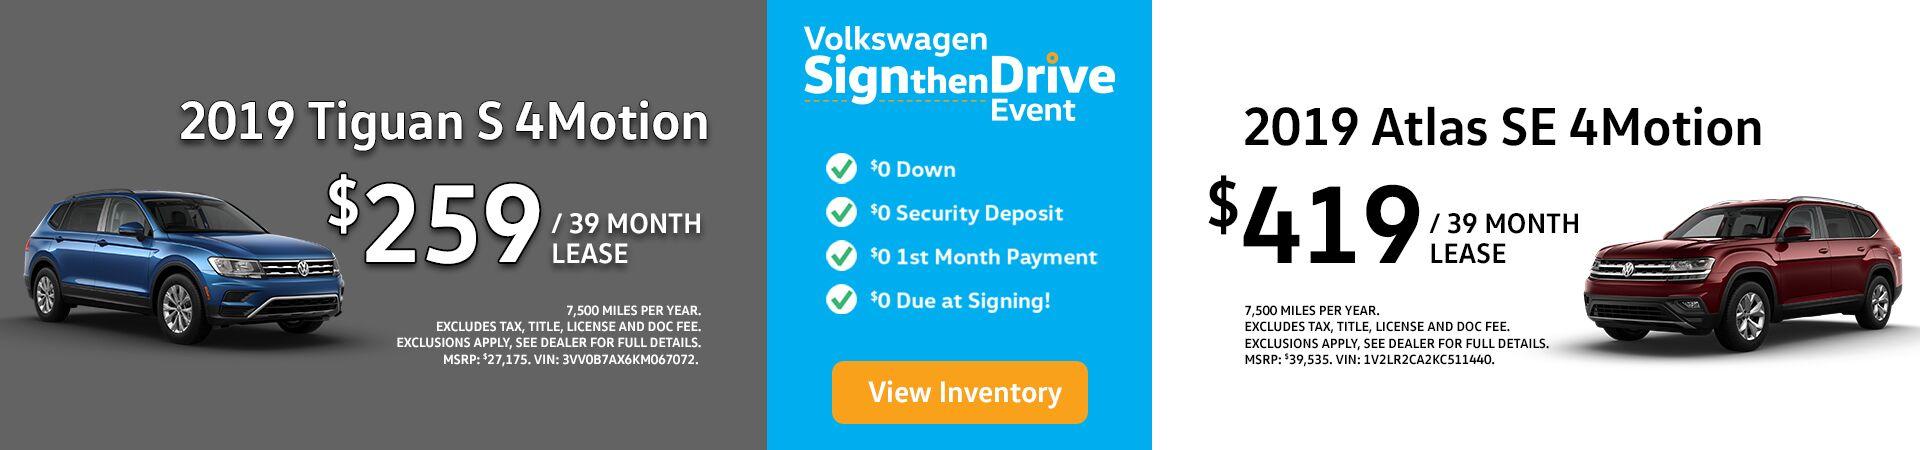 Fox Valley Volkswagen Schaumburg | Car Dealership in Schaumburg, IL